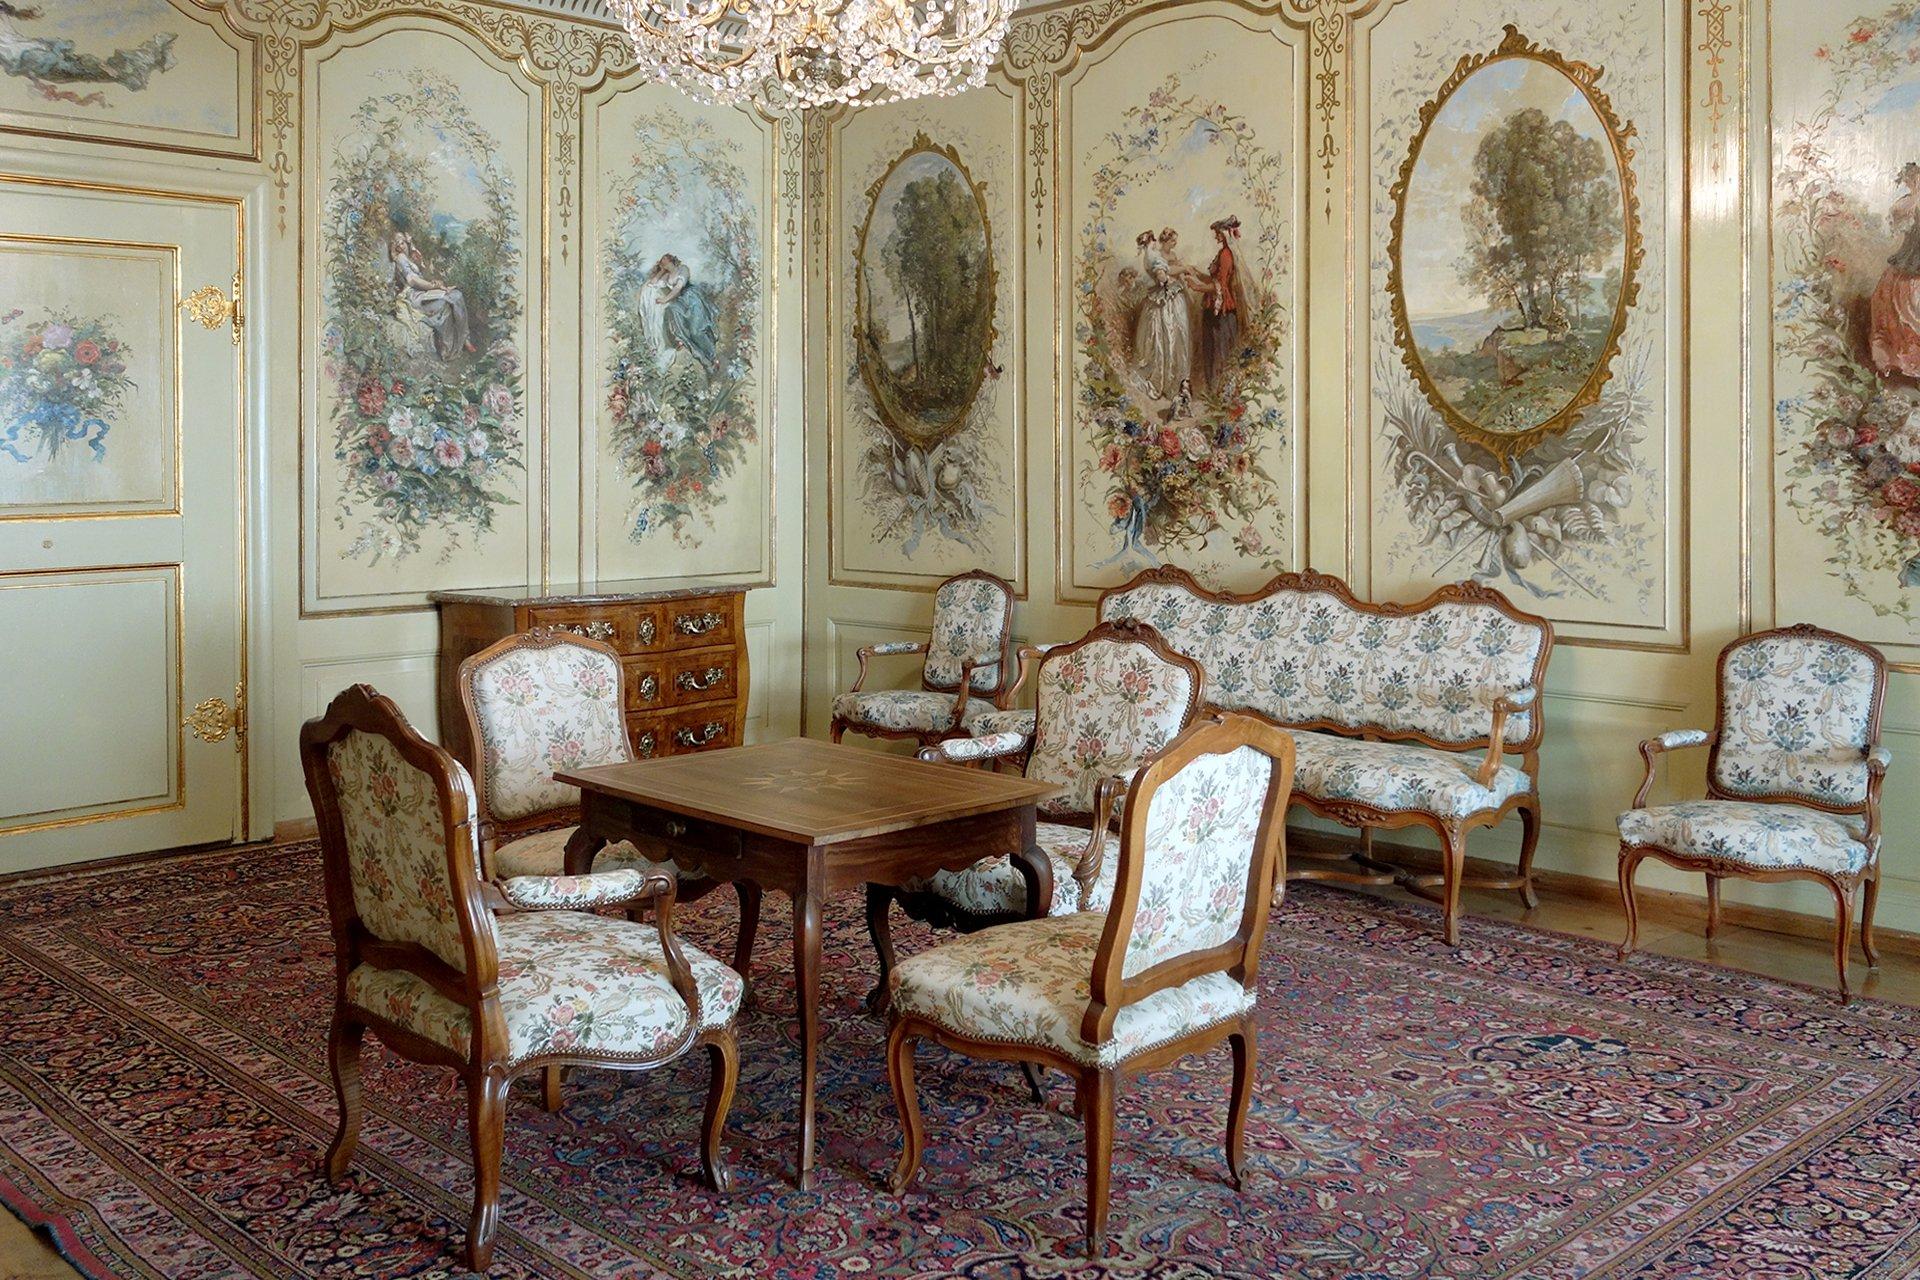 intérieur-visite privée-château de Gruyeres-Alpes suisses-Suisse